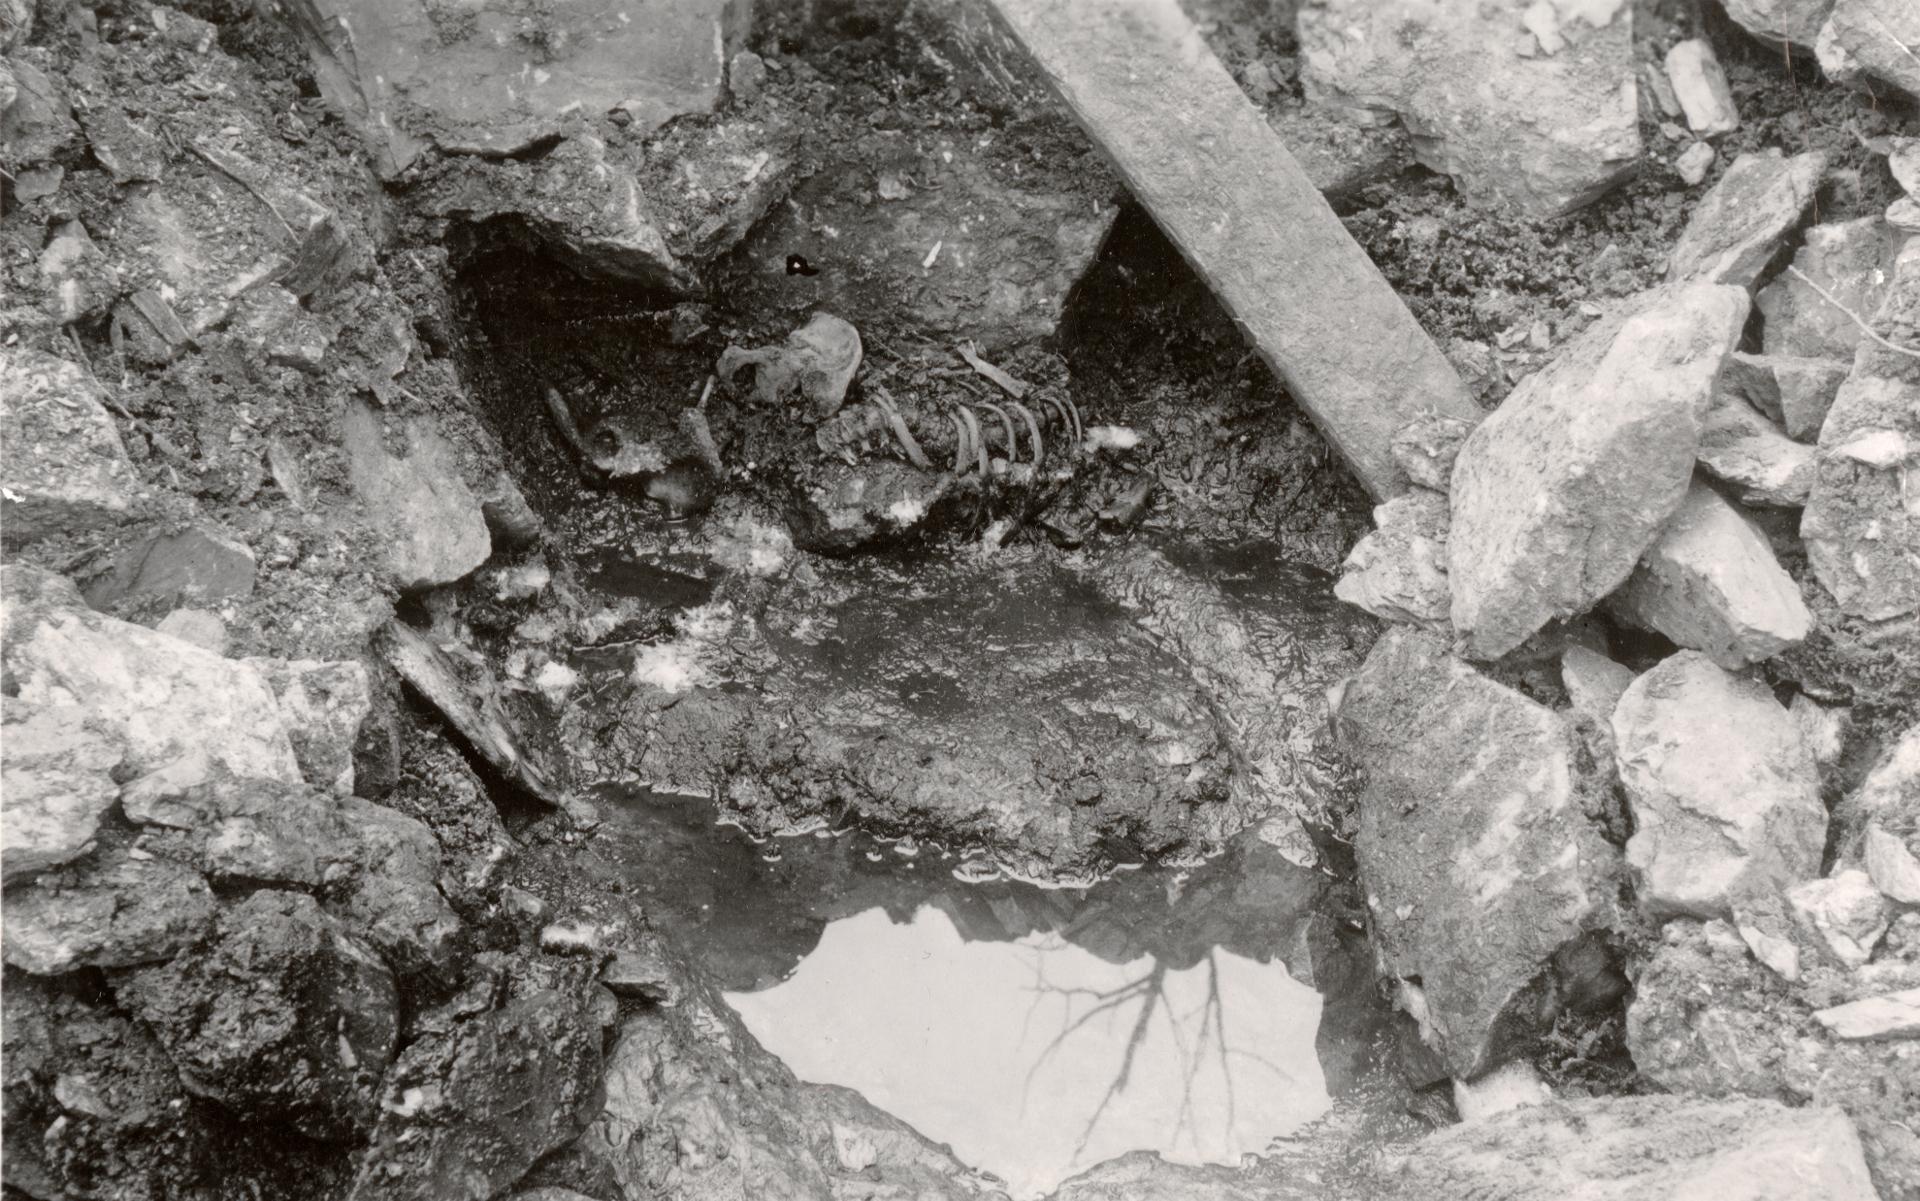 Bilde fra da Fischer utførte utgravinger i 1938. Overraskelsen var stor da de oppdaget restene av et skjelett i brønnen. Foto: Gerard Fischer.